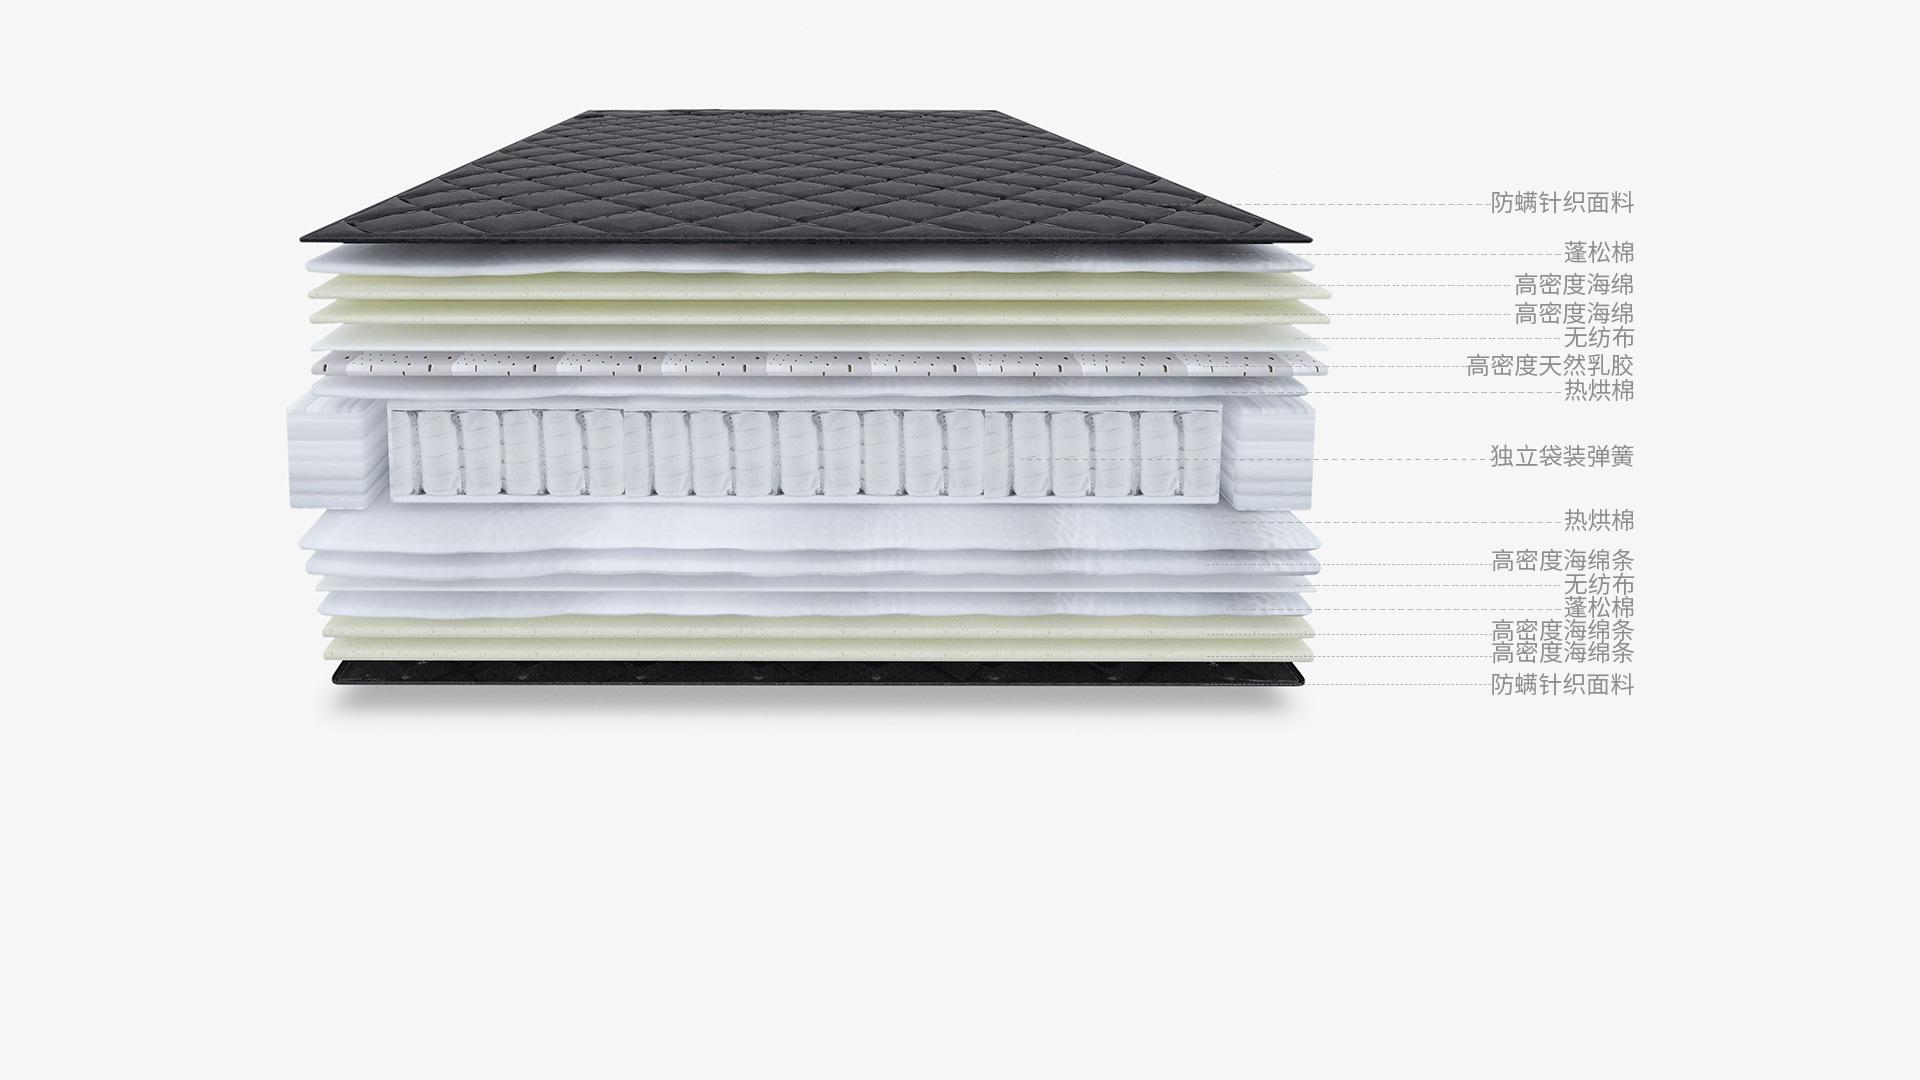 20cm厚15层优质填充,满足不同支撑需求